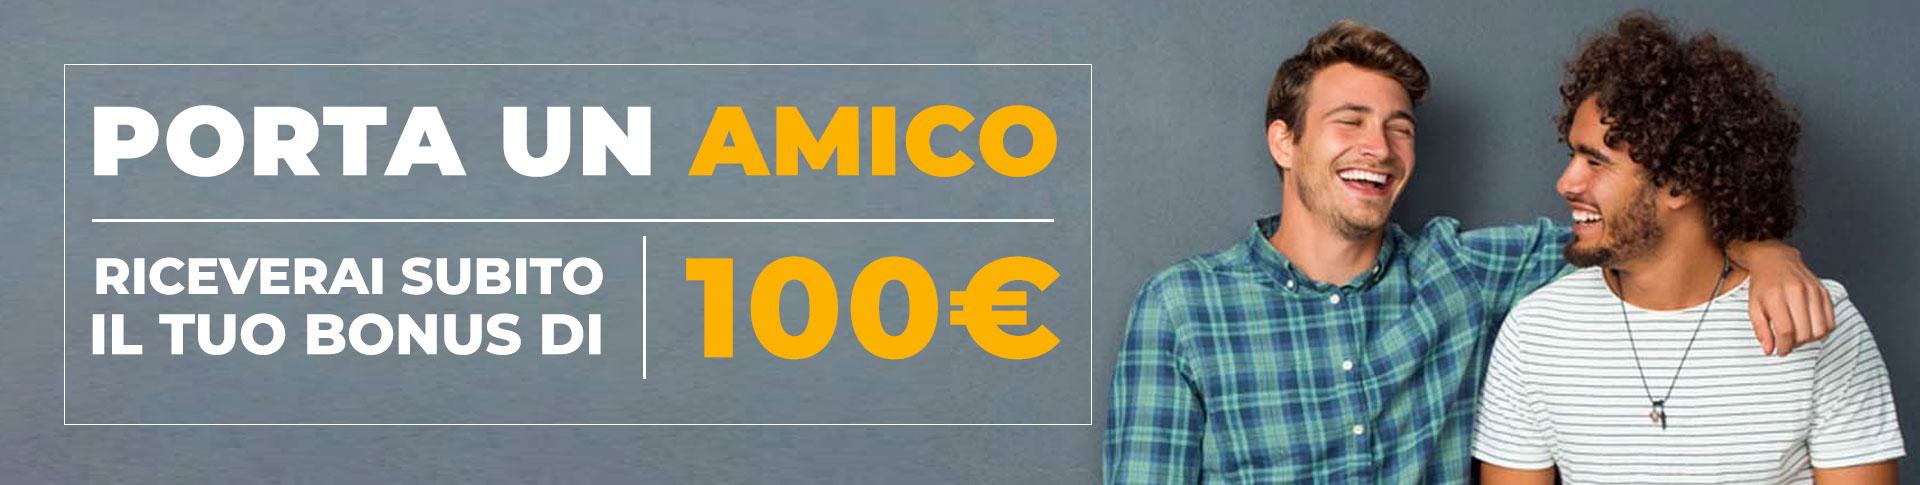 Presenta un amico  - Presenta un amico e ricevi fino a €100 sulla sua ricarica